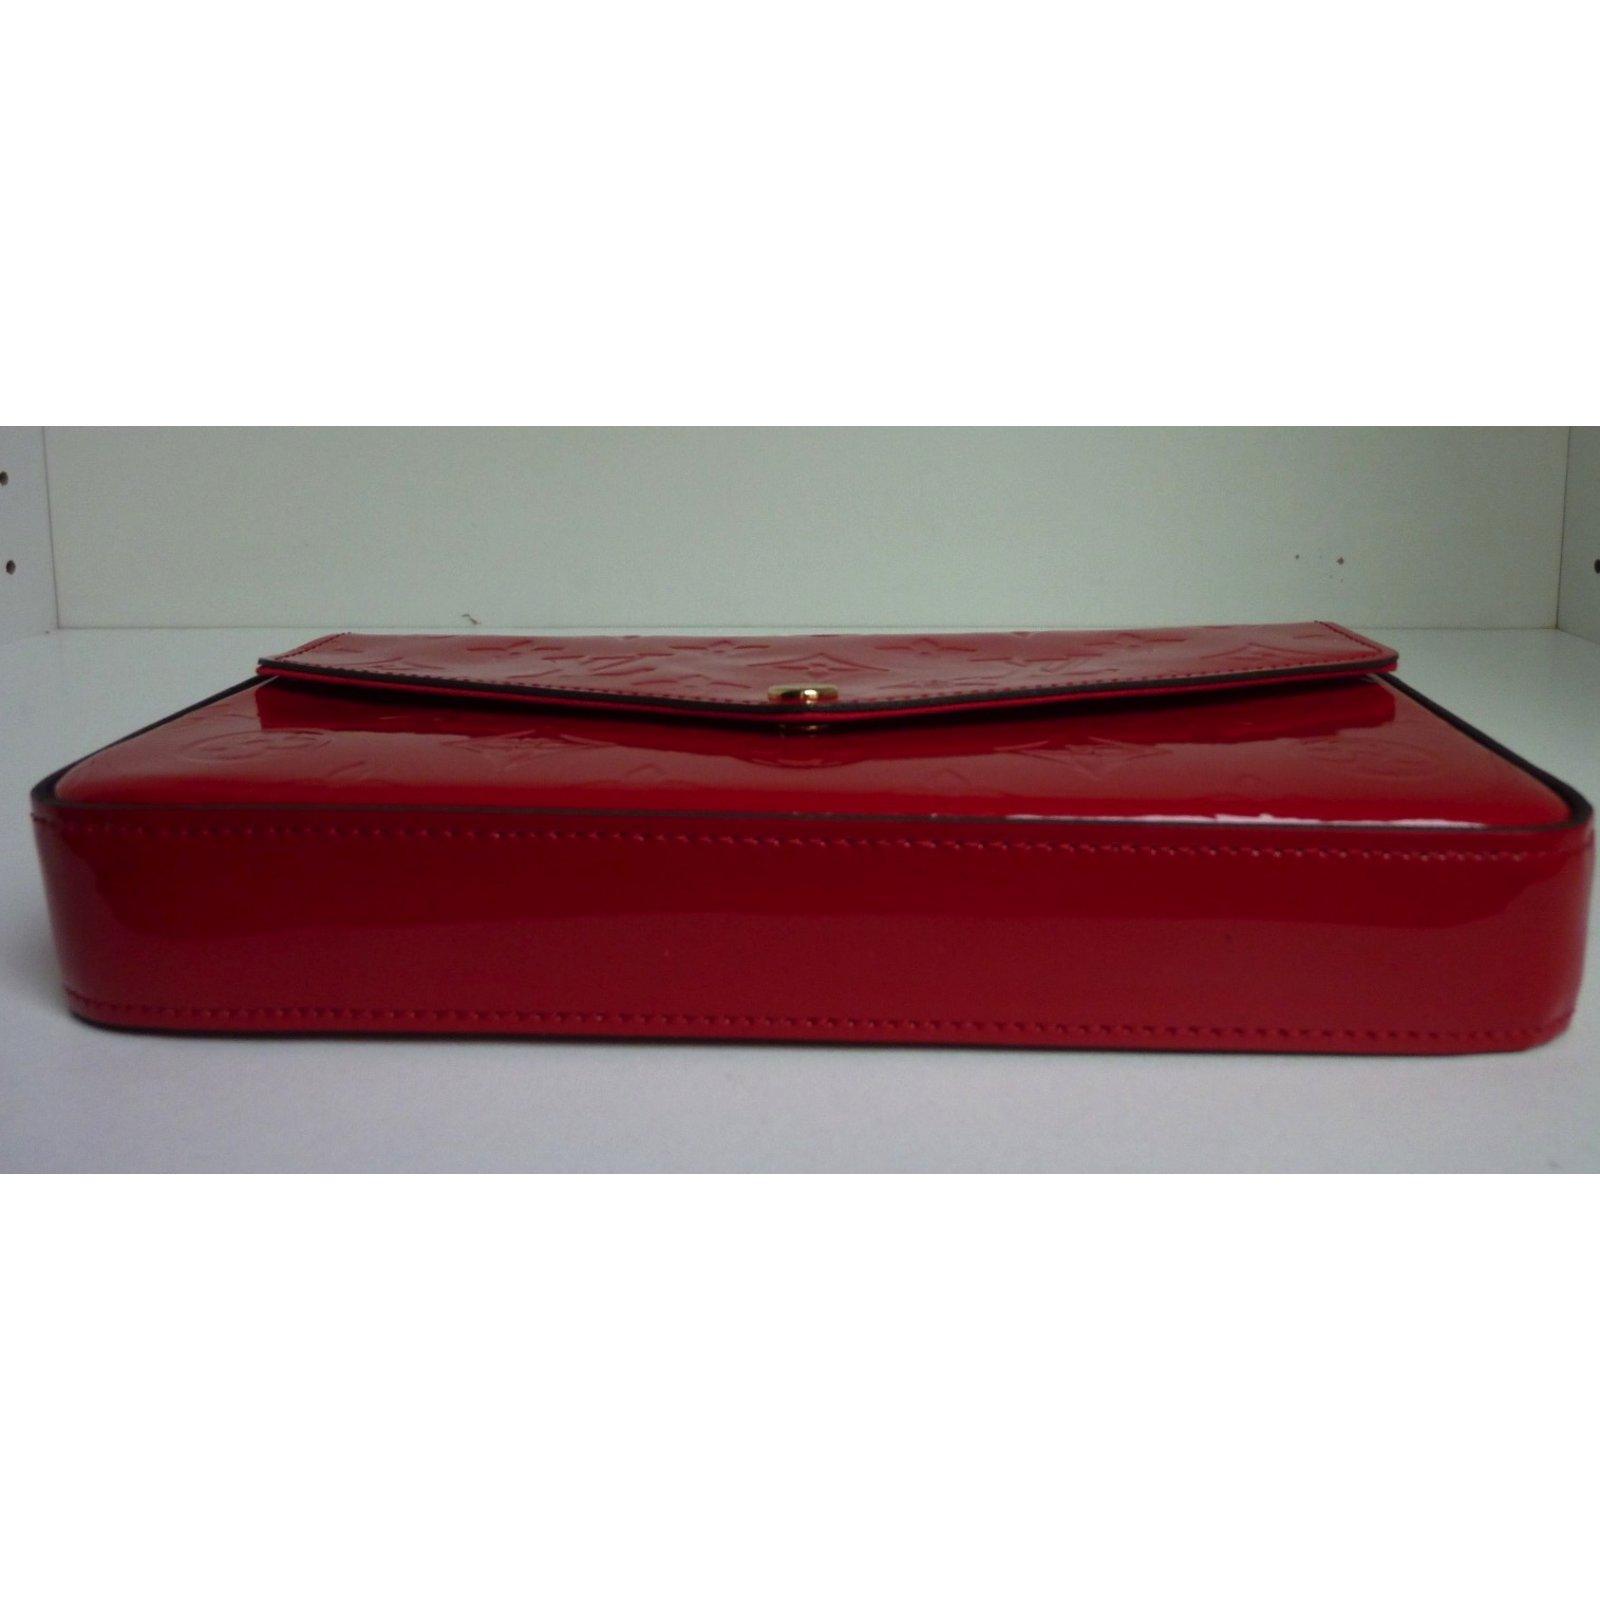 nouvelles photos livraison rapide meilleur service Pochettes Louis Vuitton Pochette Félicie en cuir verni rouge ...